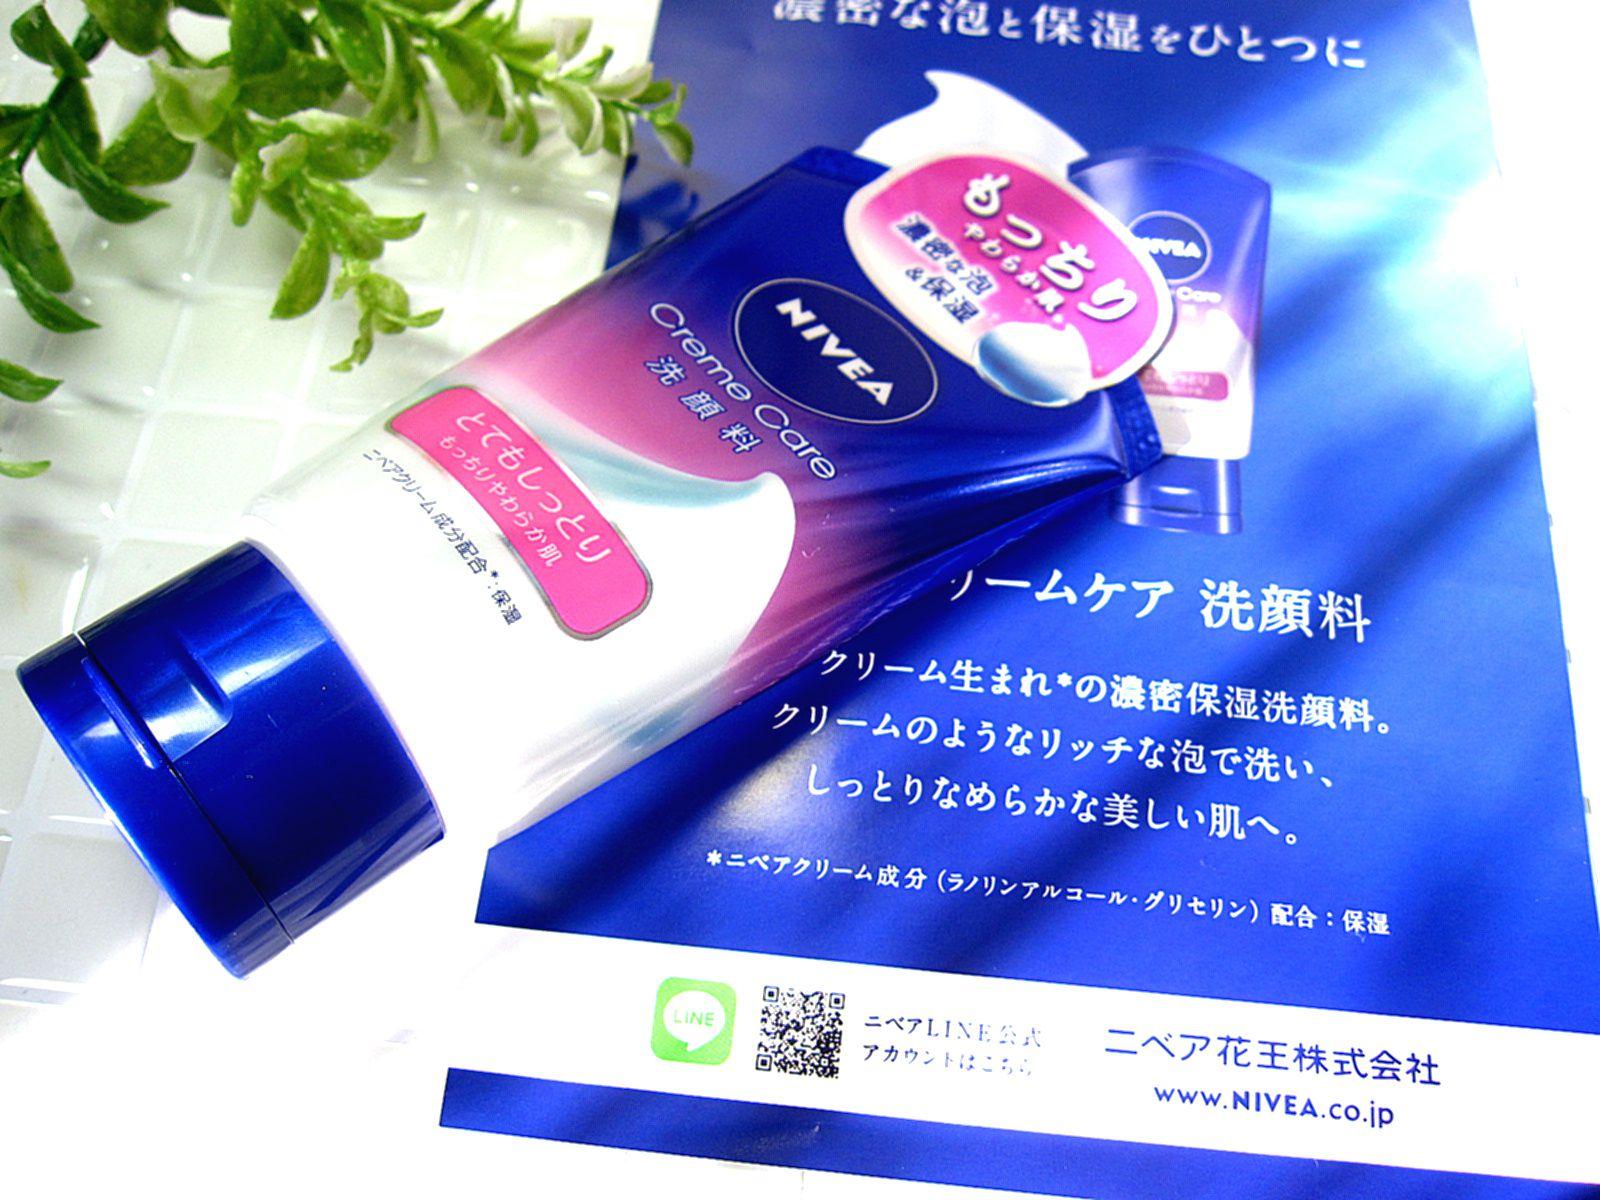 クリーム泡で洗う、濃密保湿洗顔★ニベア クリームケア洗顔料 とてもしっとり♥